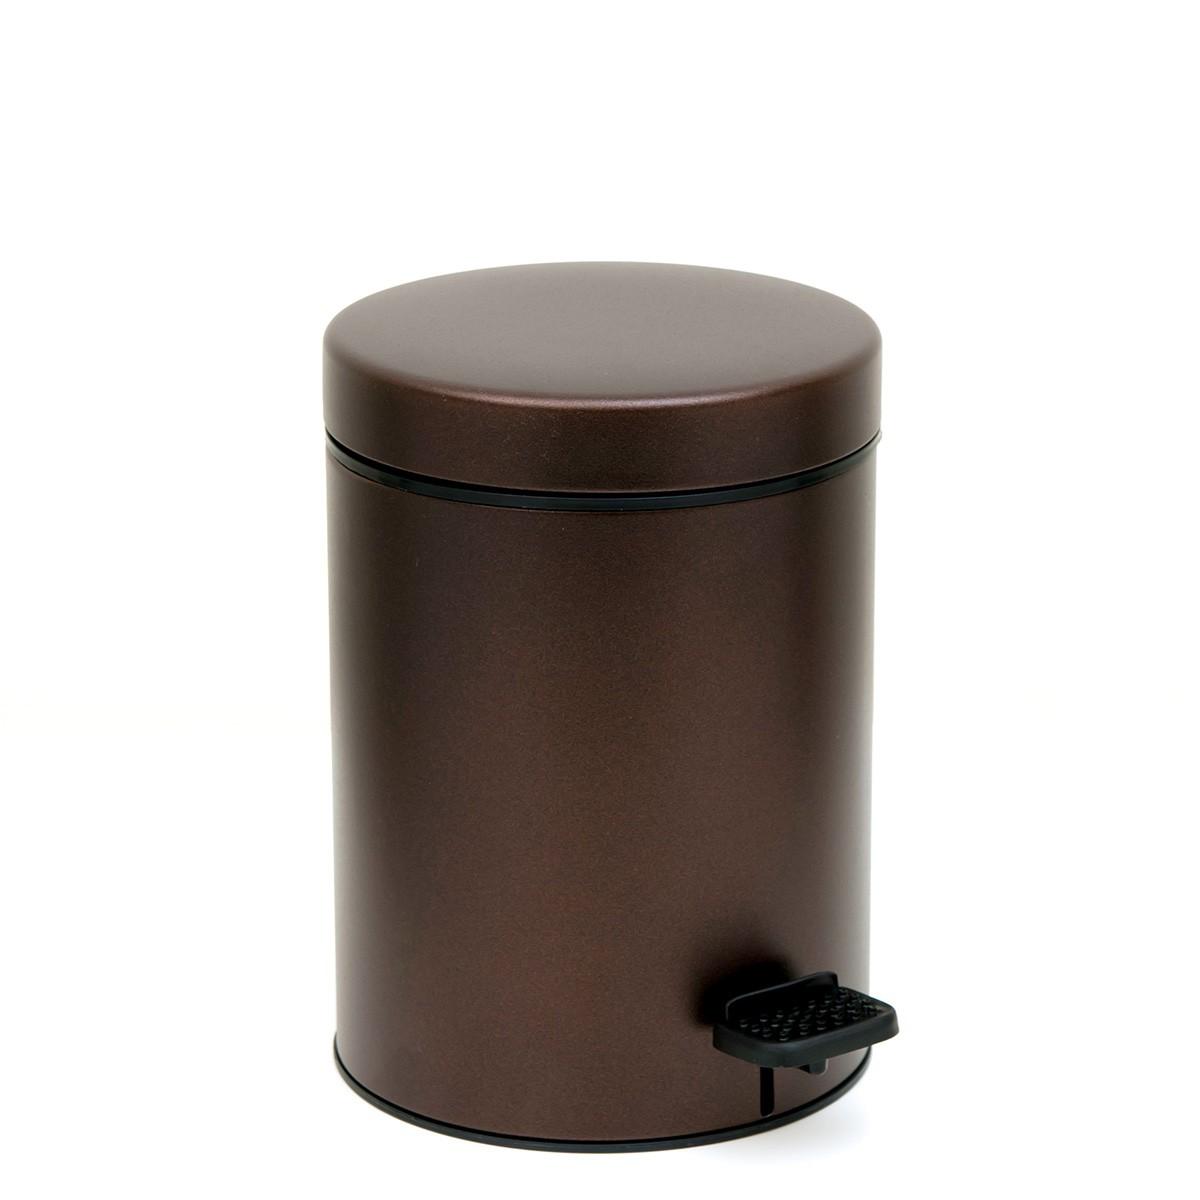 Κάδος Απορριμμάτων (18x25) PamCo 3Lit 605 Wenge Matte home   μπάνιο   κάδοι απορριμμάτων